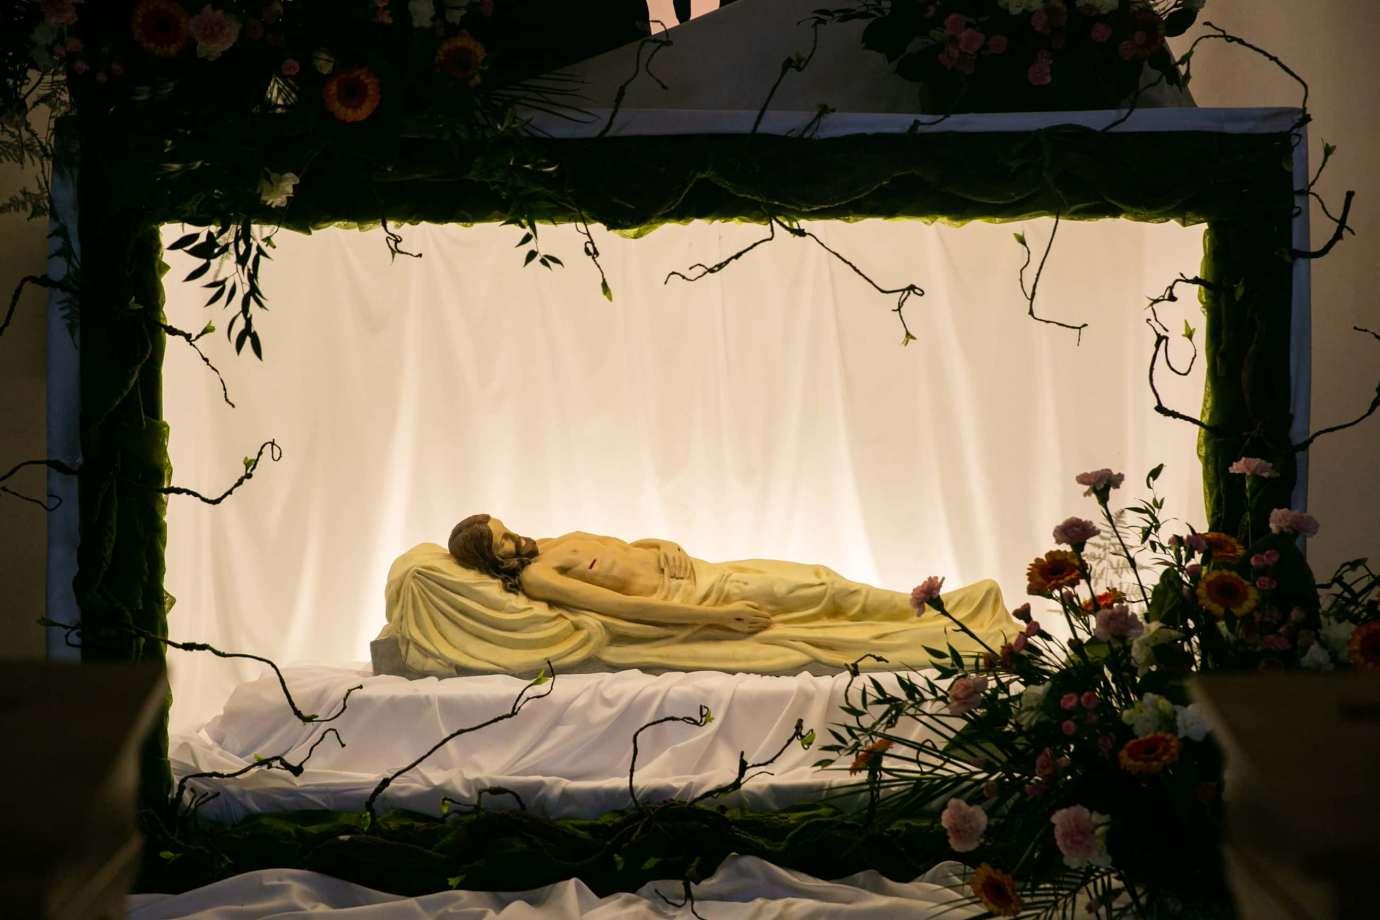 parafia pw swietej bozej opatrznosci w zamosciu 6 Zdjęcia grobów pańskich w zamojskich świątyniach